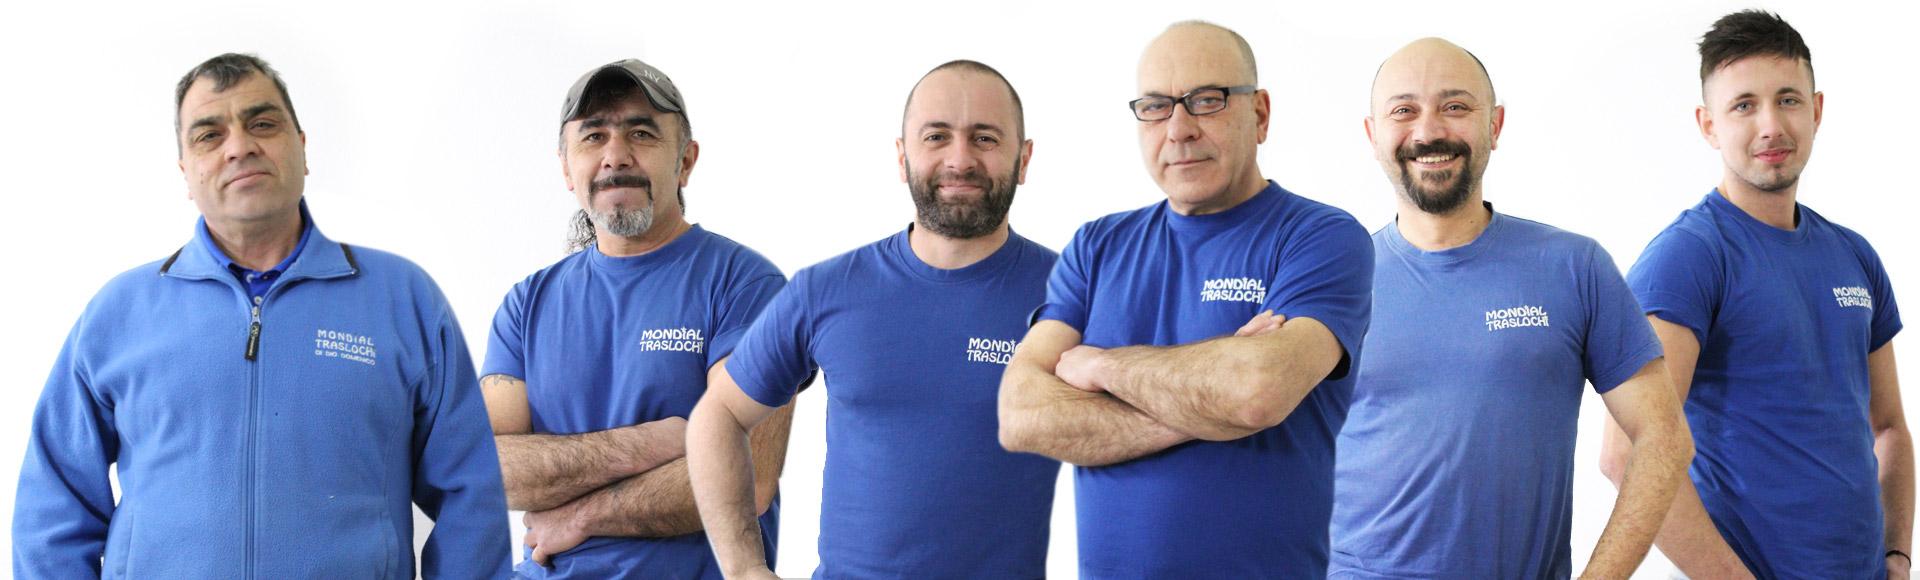 Mondial Traslochi Staff